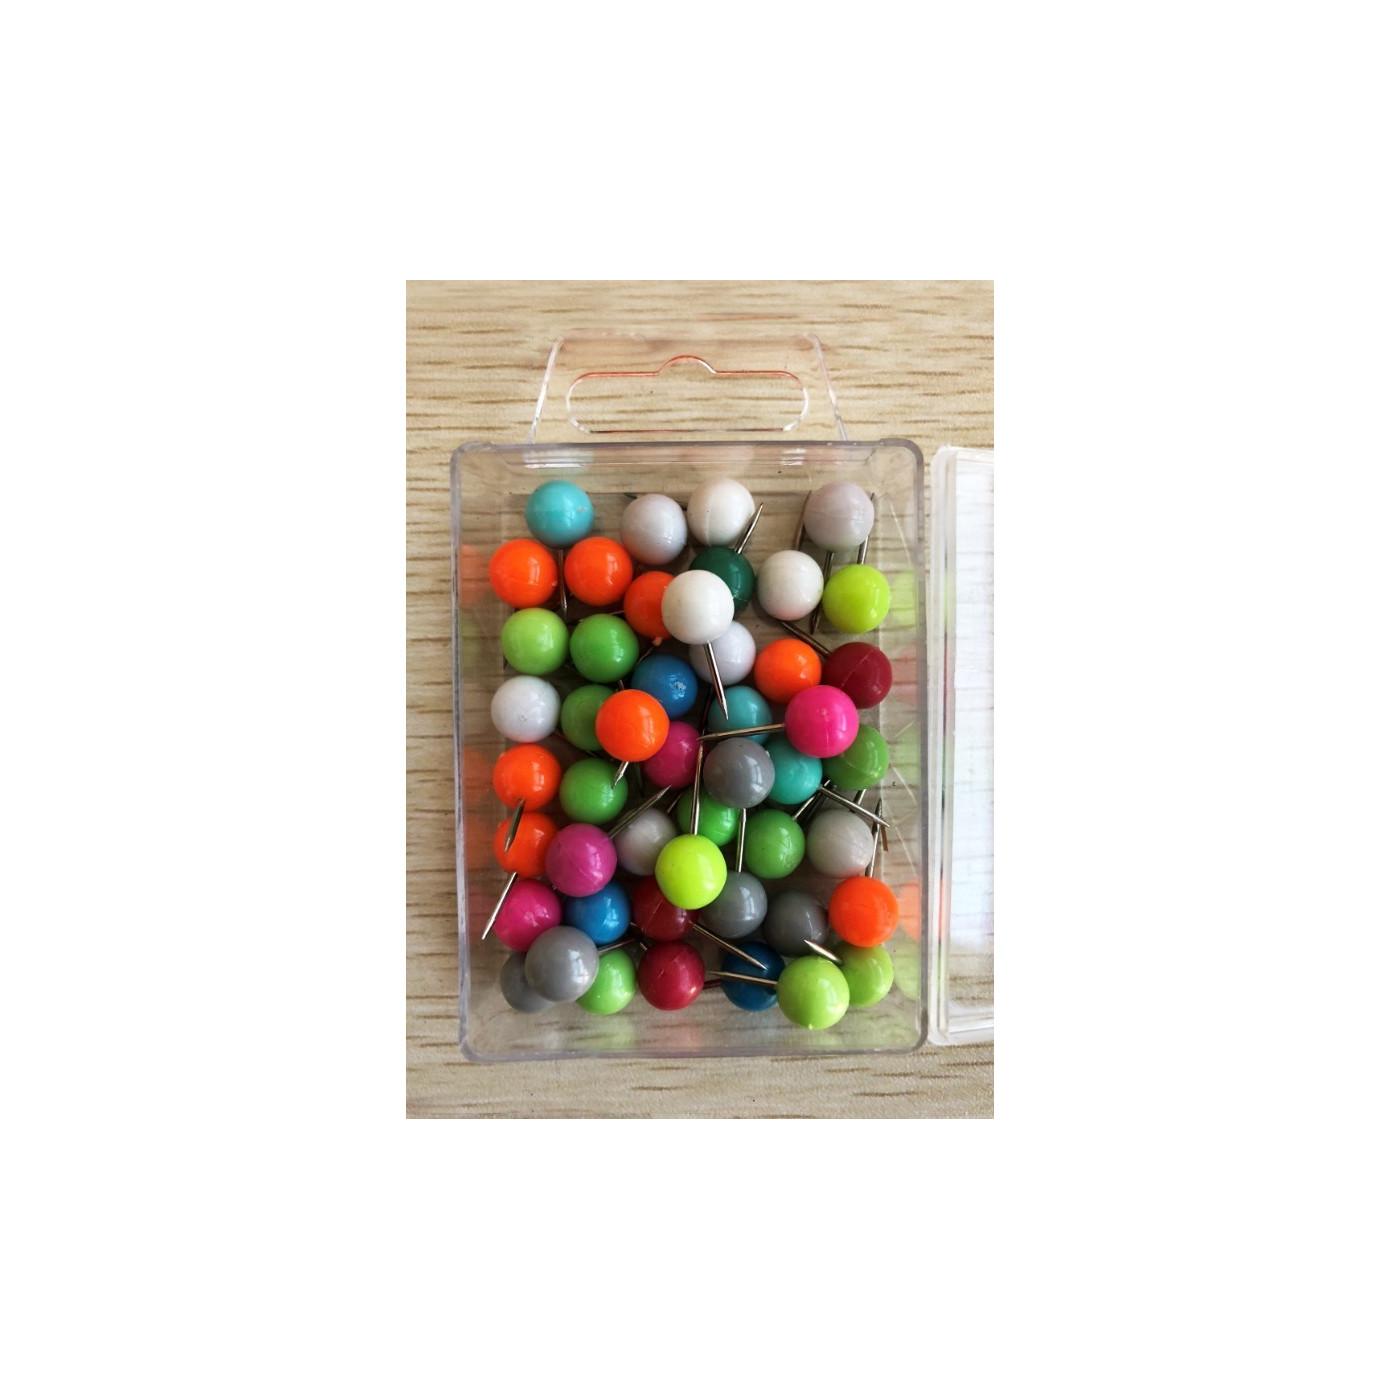 Conjunto de 250 pasadores de bolas: colores mezclados en 5 cajas  - 1